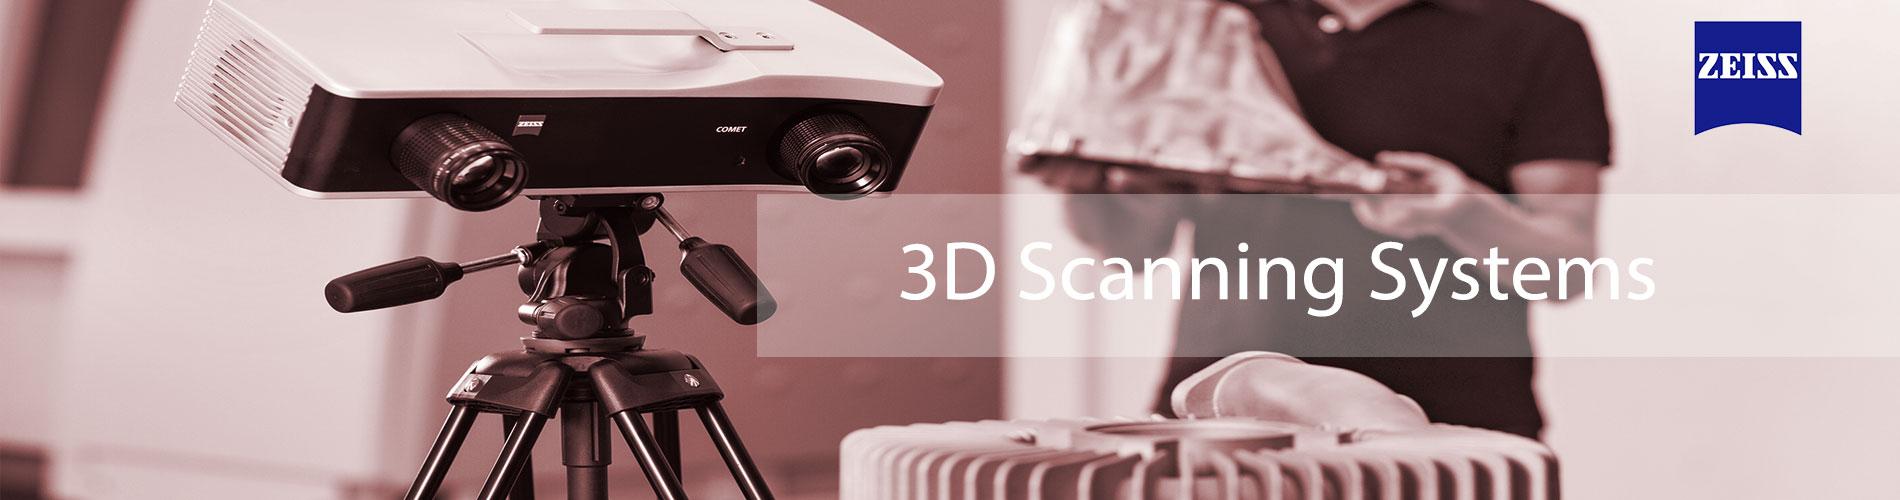 Scanning 3D